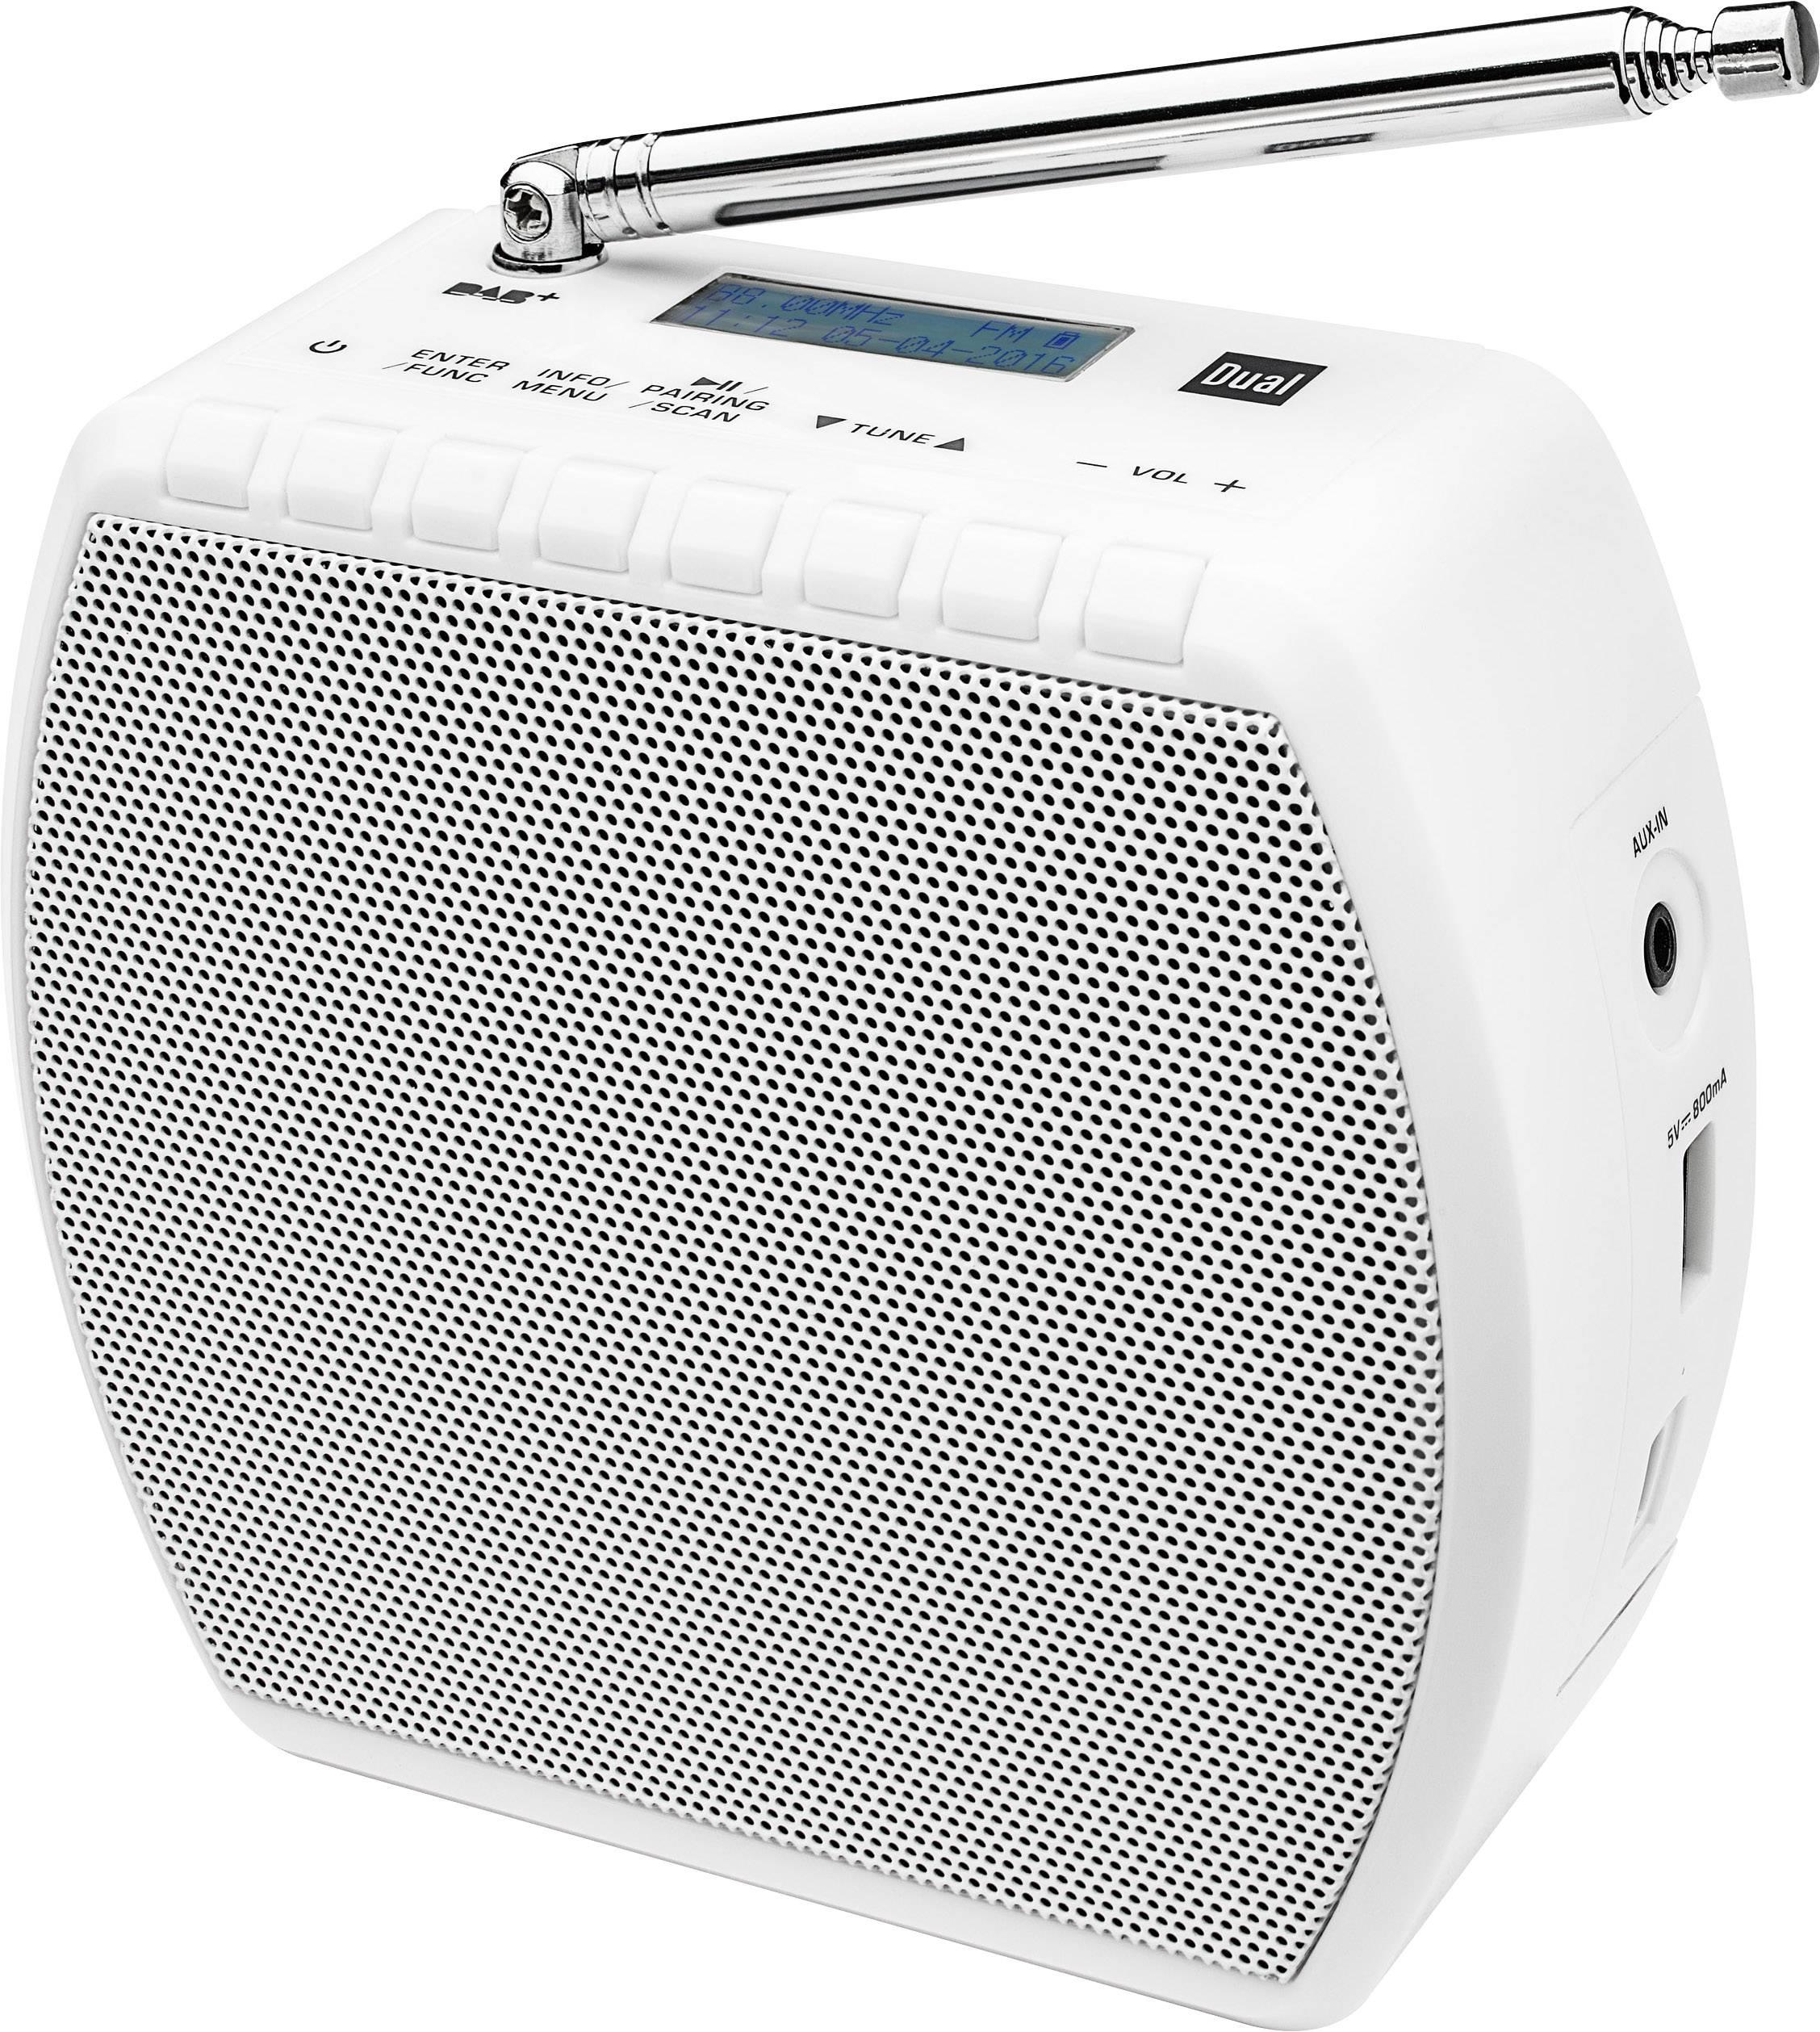 DAB+ rádio do zásuvky Dual STR 100 s Bluetooth a USB nabíječkou mobilov, biela